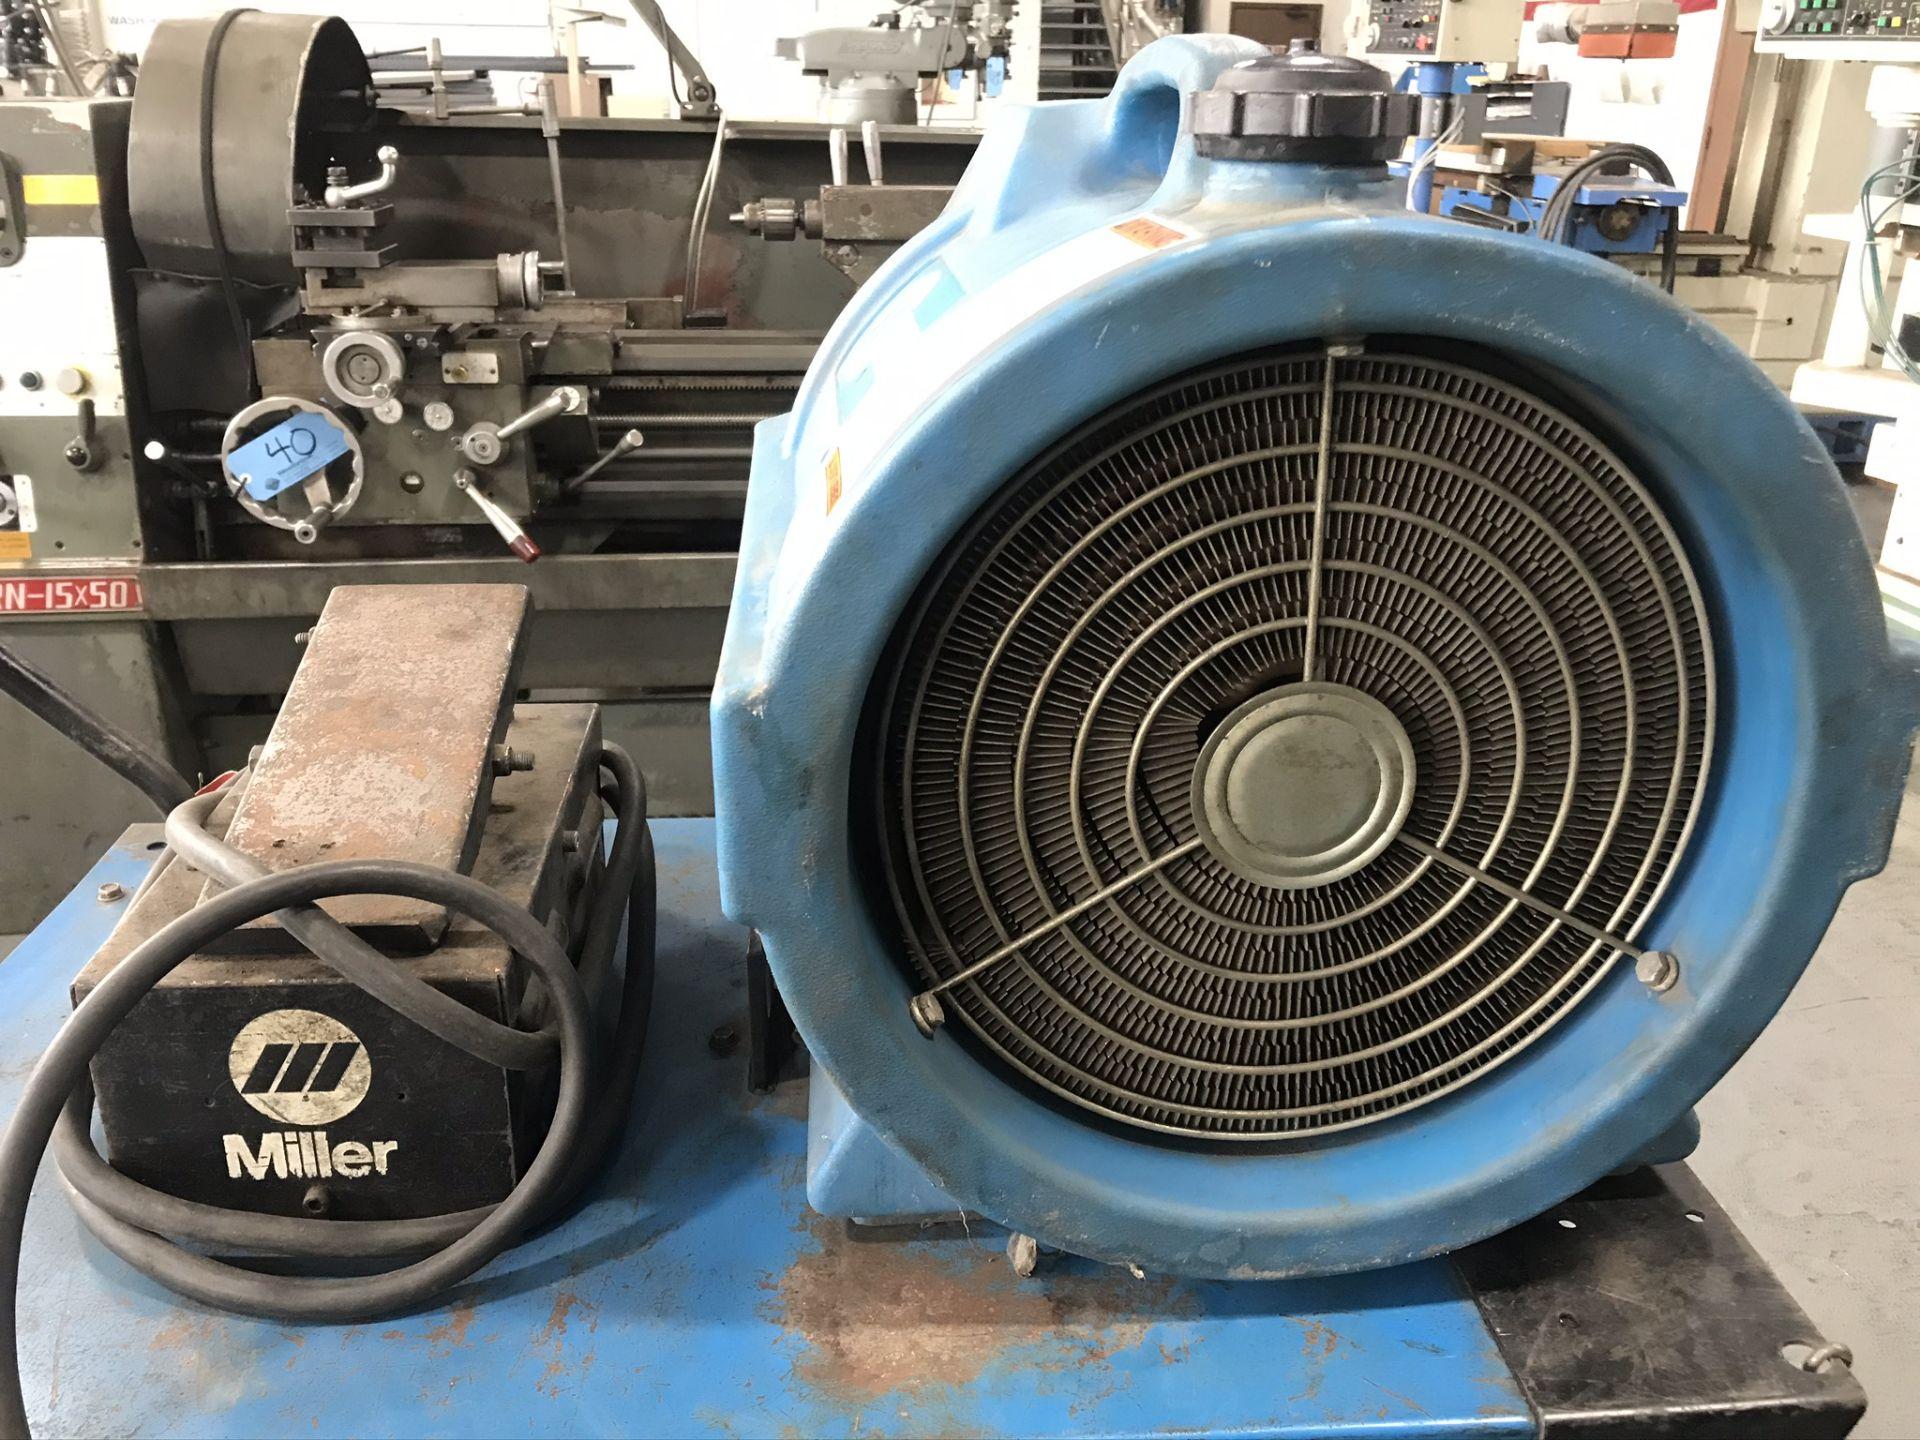 Miller Syncrowave 250 Welder w/ Coolmate 4 Chiller - Image 2 of 3